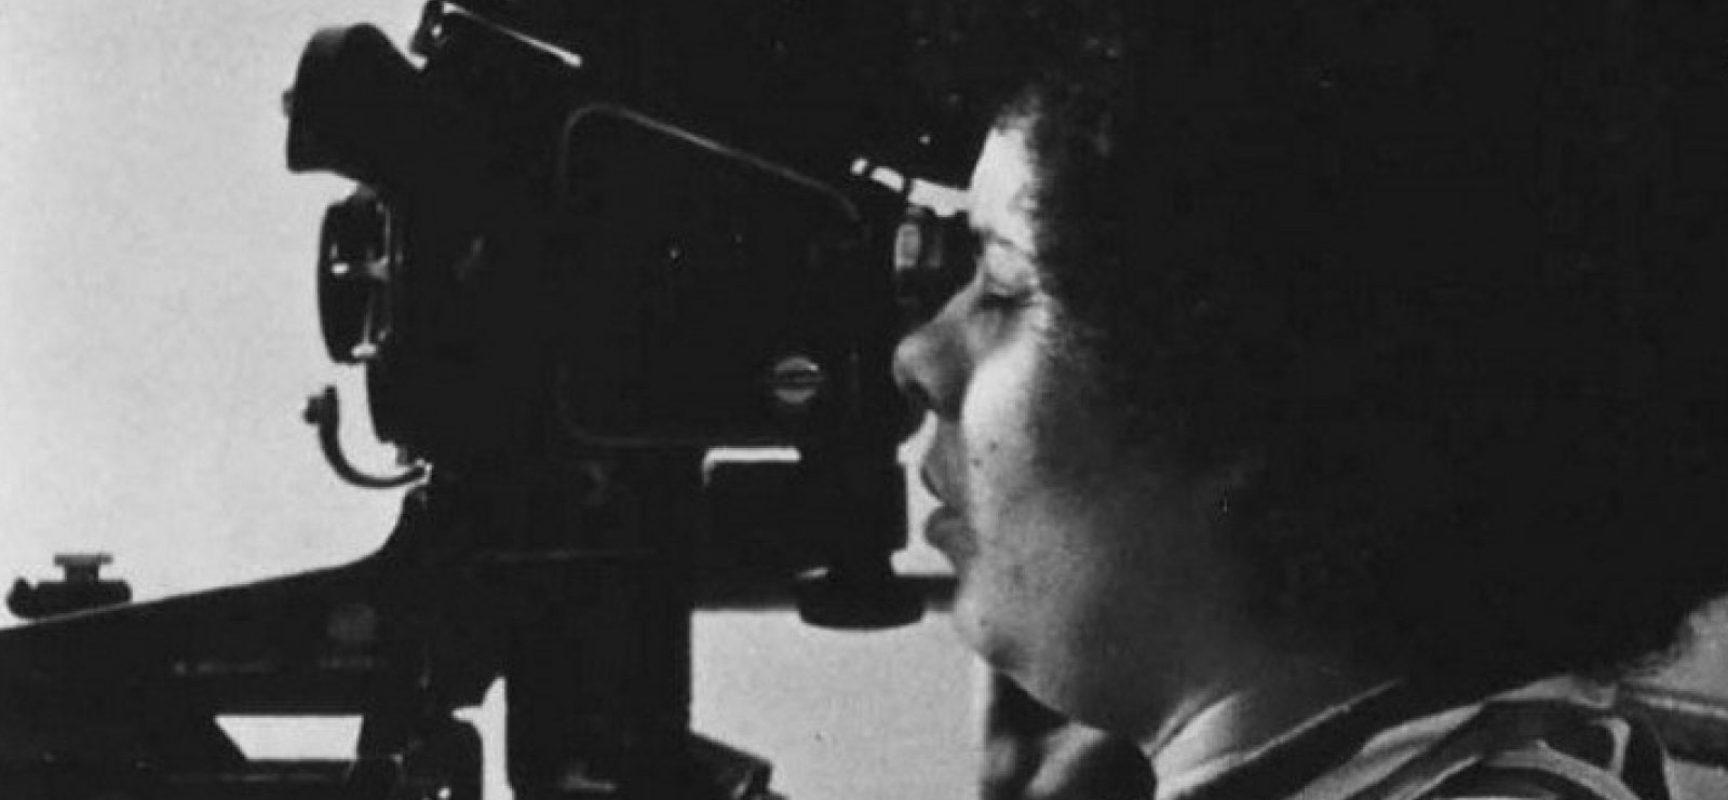 Quarta edição da Mostra Lugar de Mulher é no Cinema exibe filmes de mulheres e pessoas não binárias